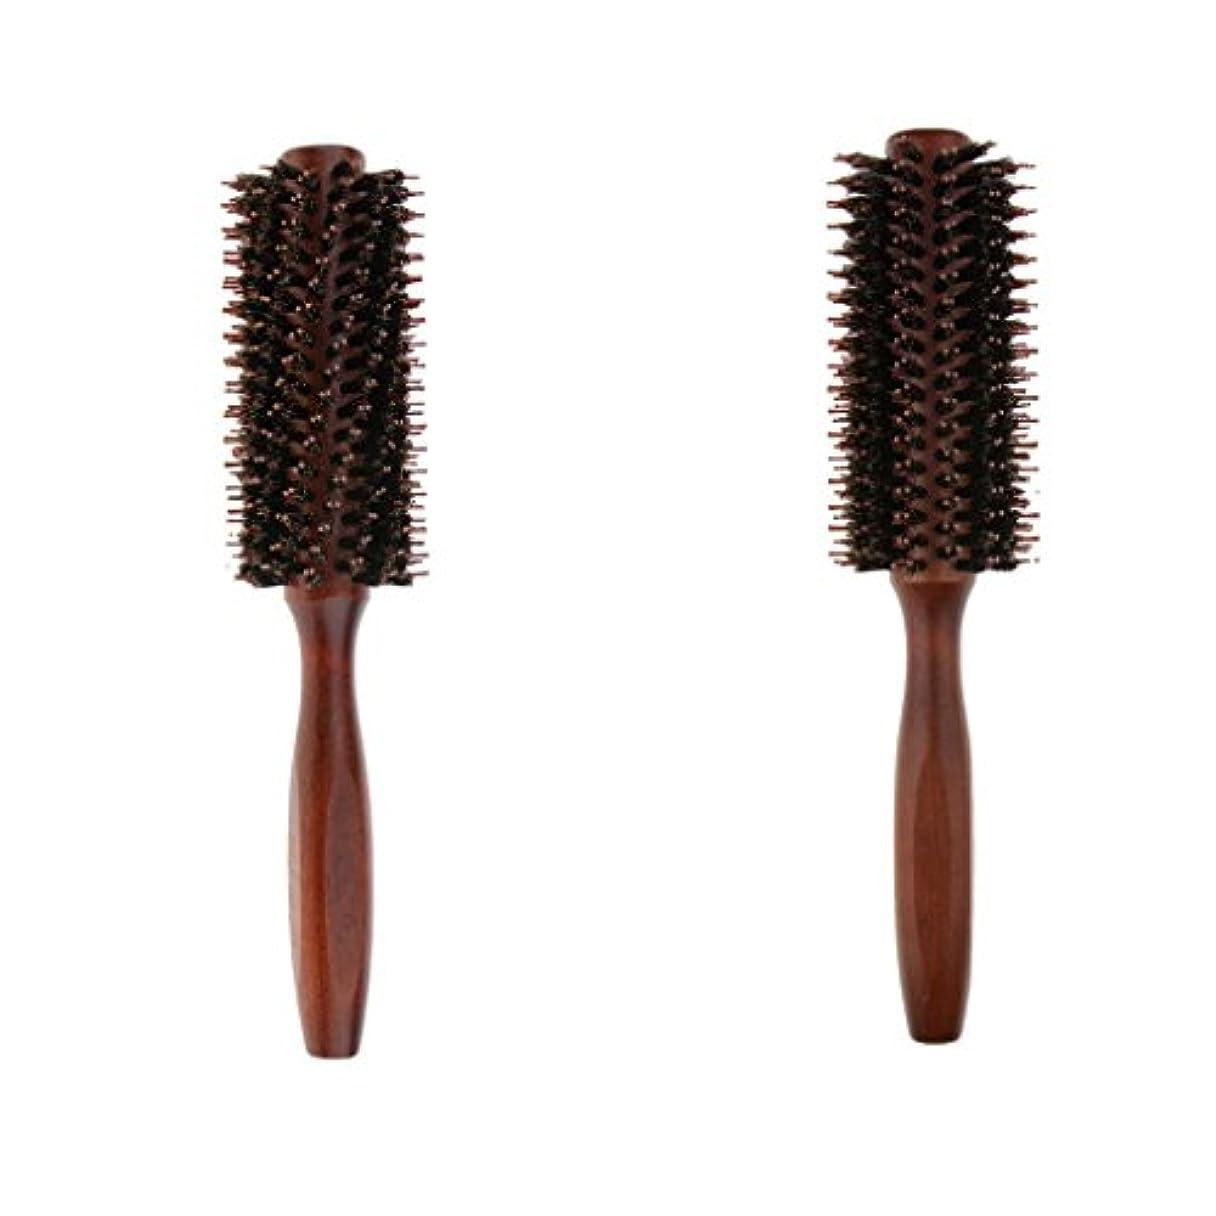 不振バクテリア止まる2個 ロールブラシ ヘアブラシ ヘアカラーリング用 木製櫛 静電気防止 耐熱コーム 巻き髪